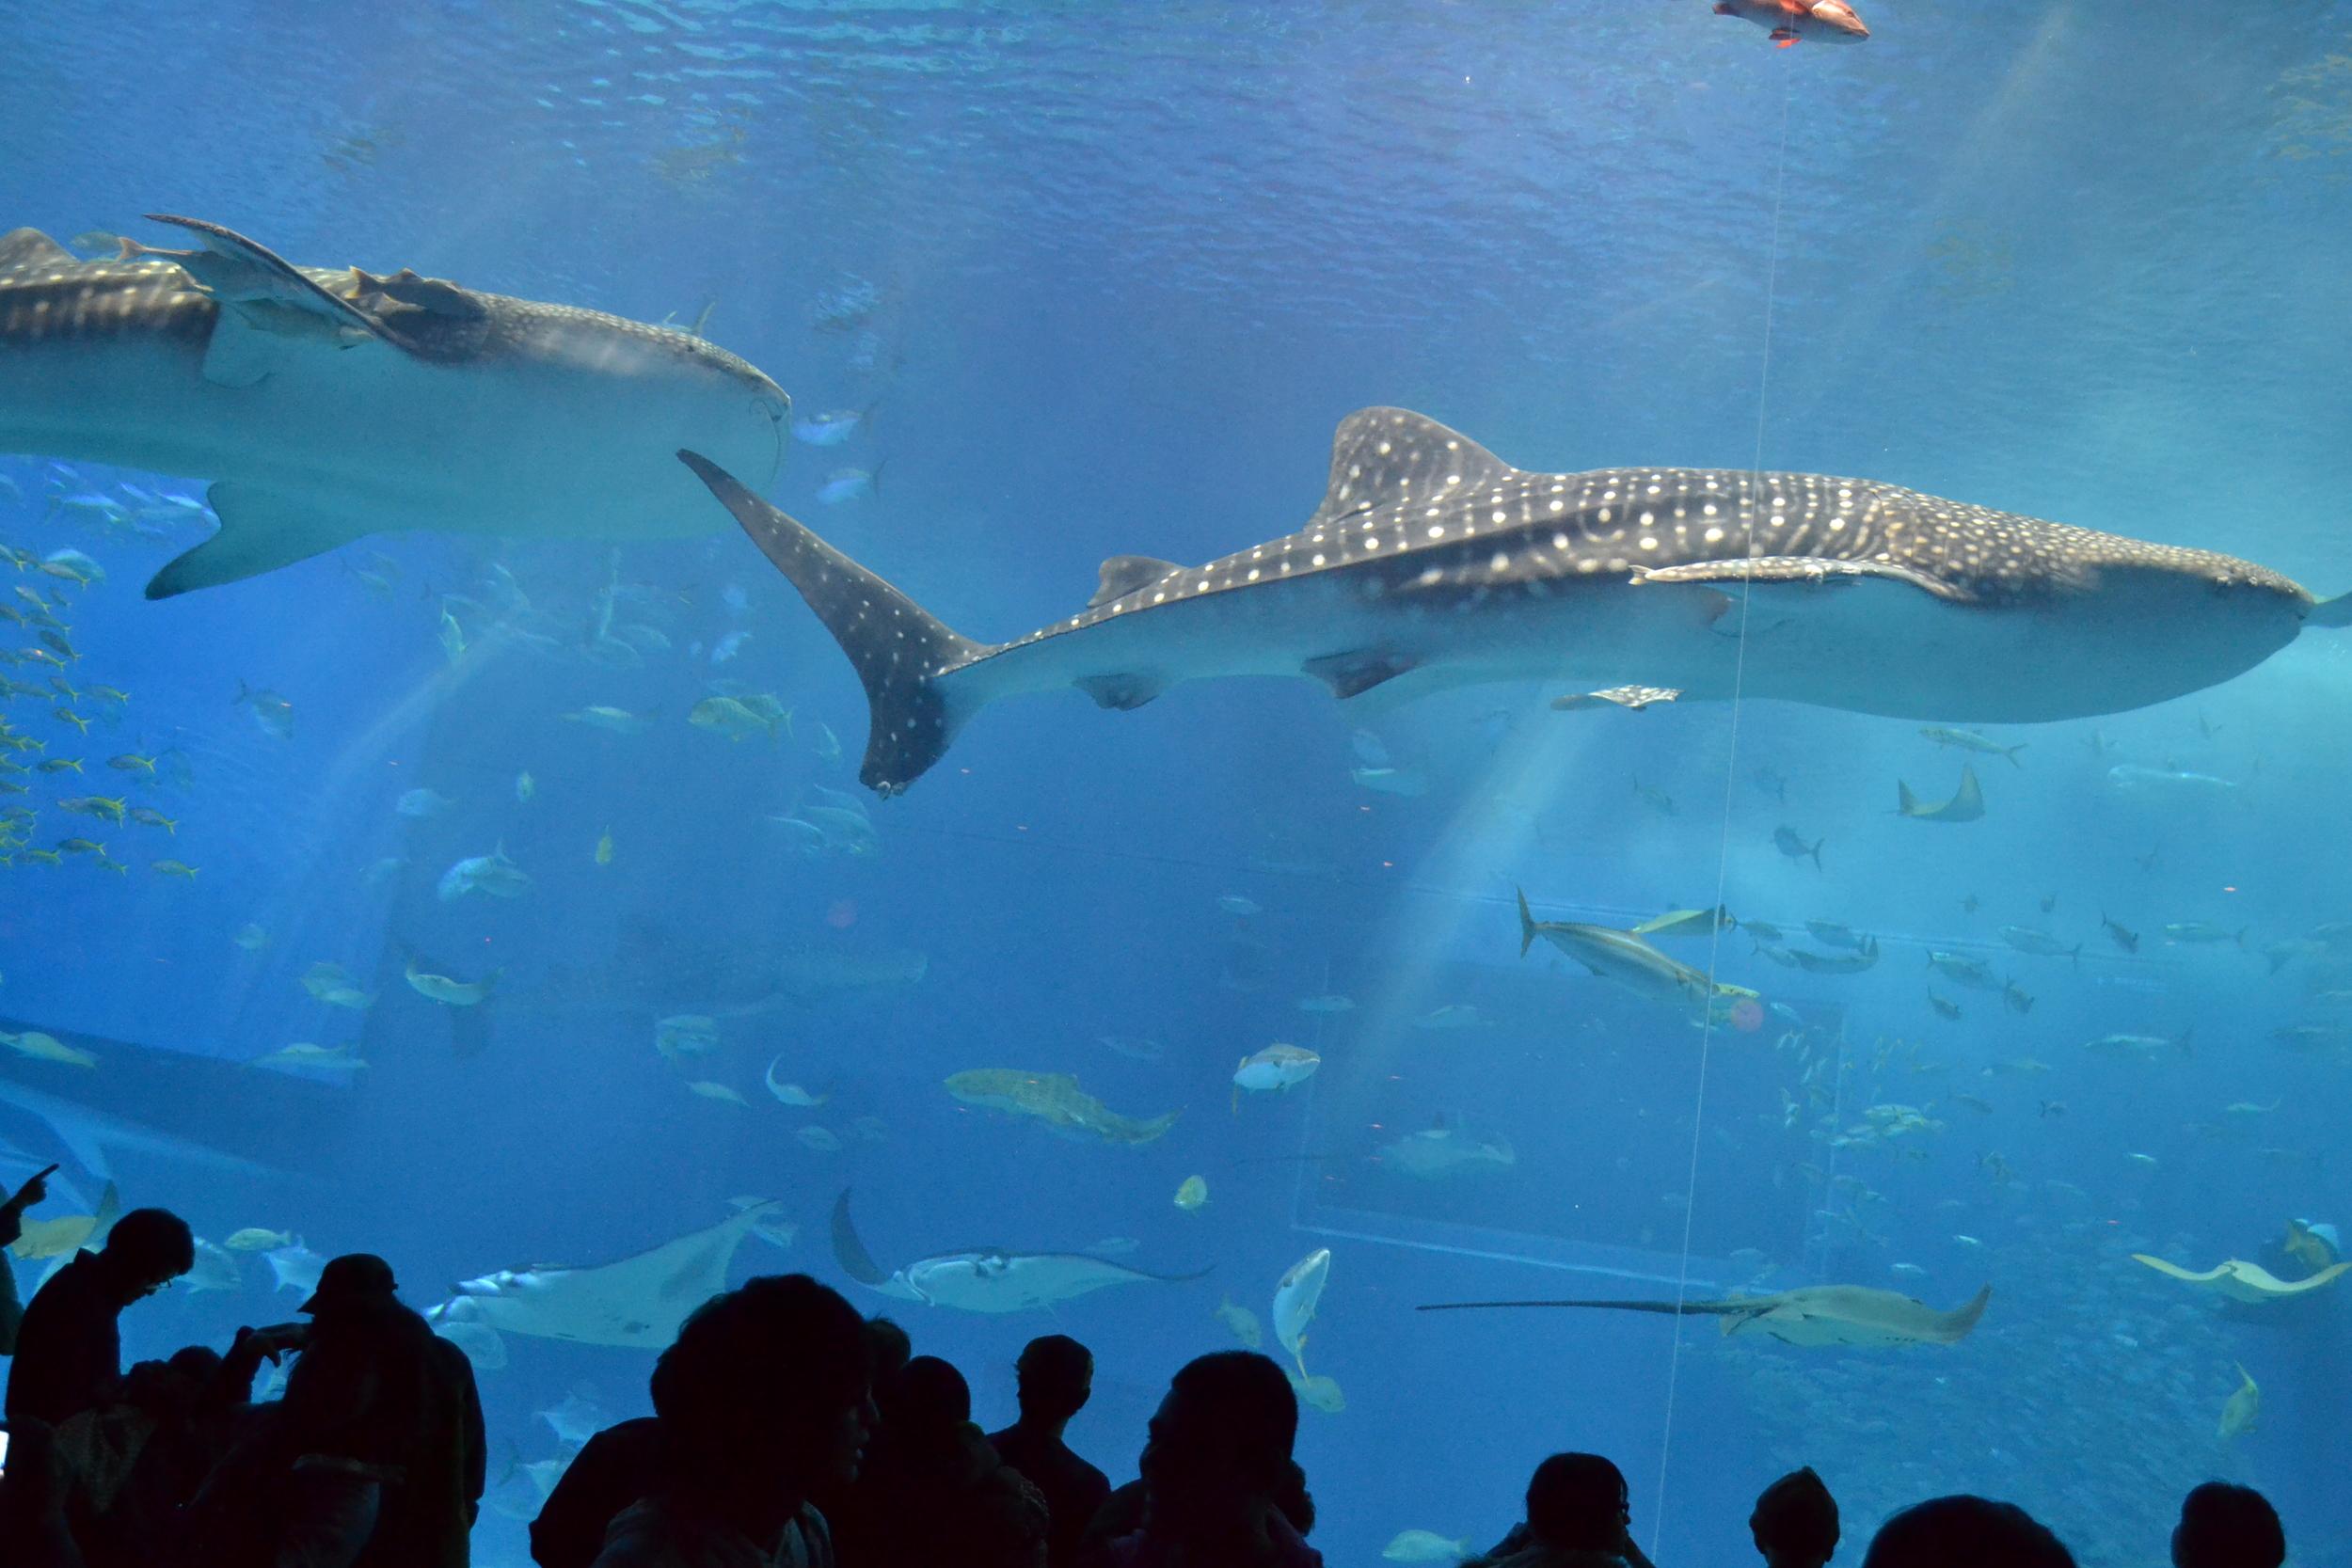 El único acuario que pudo albergar a tiburones ballena y mantarrayas en un mismo lugar.